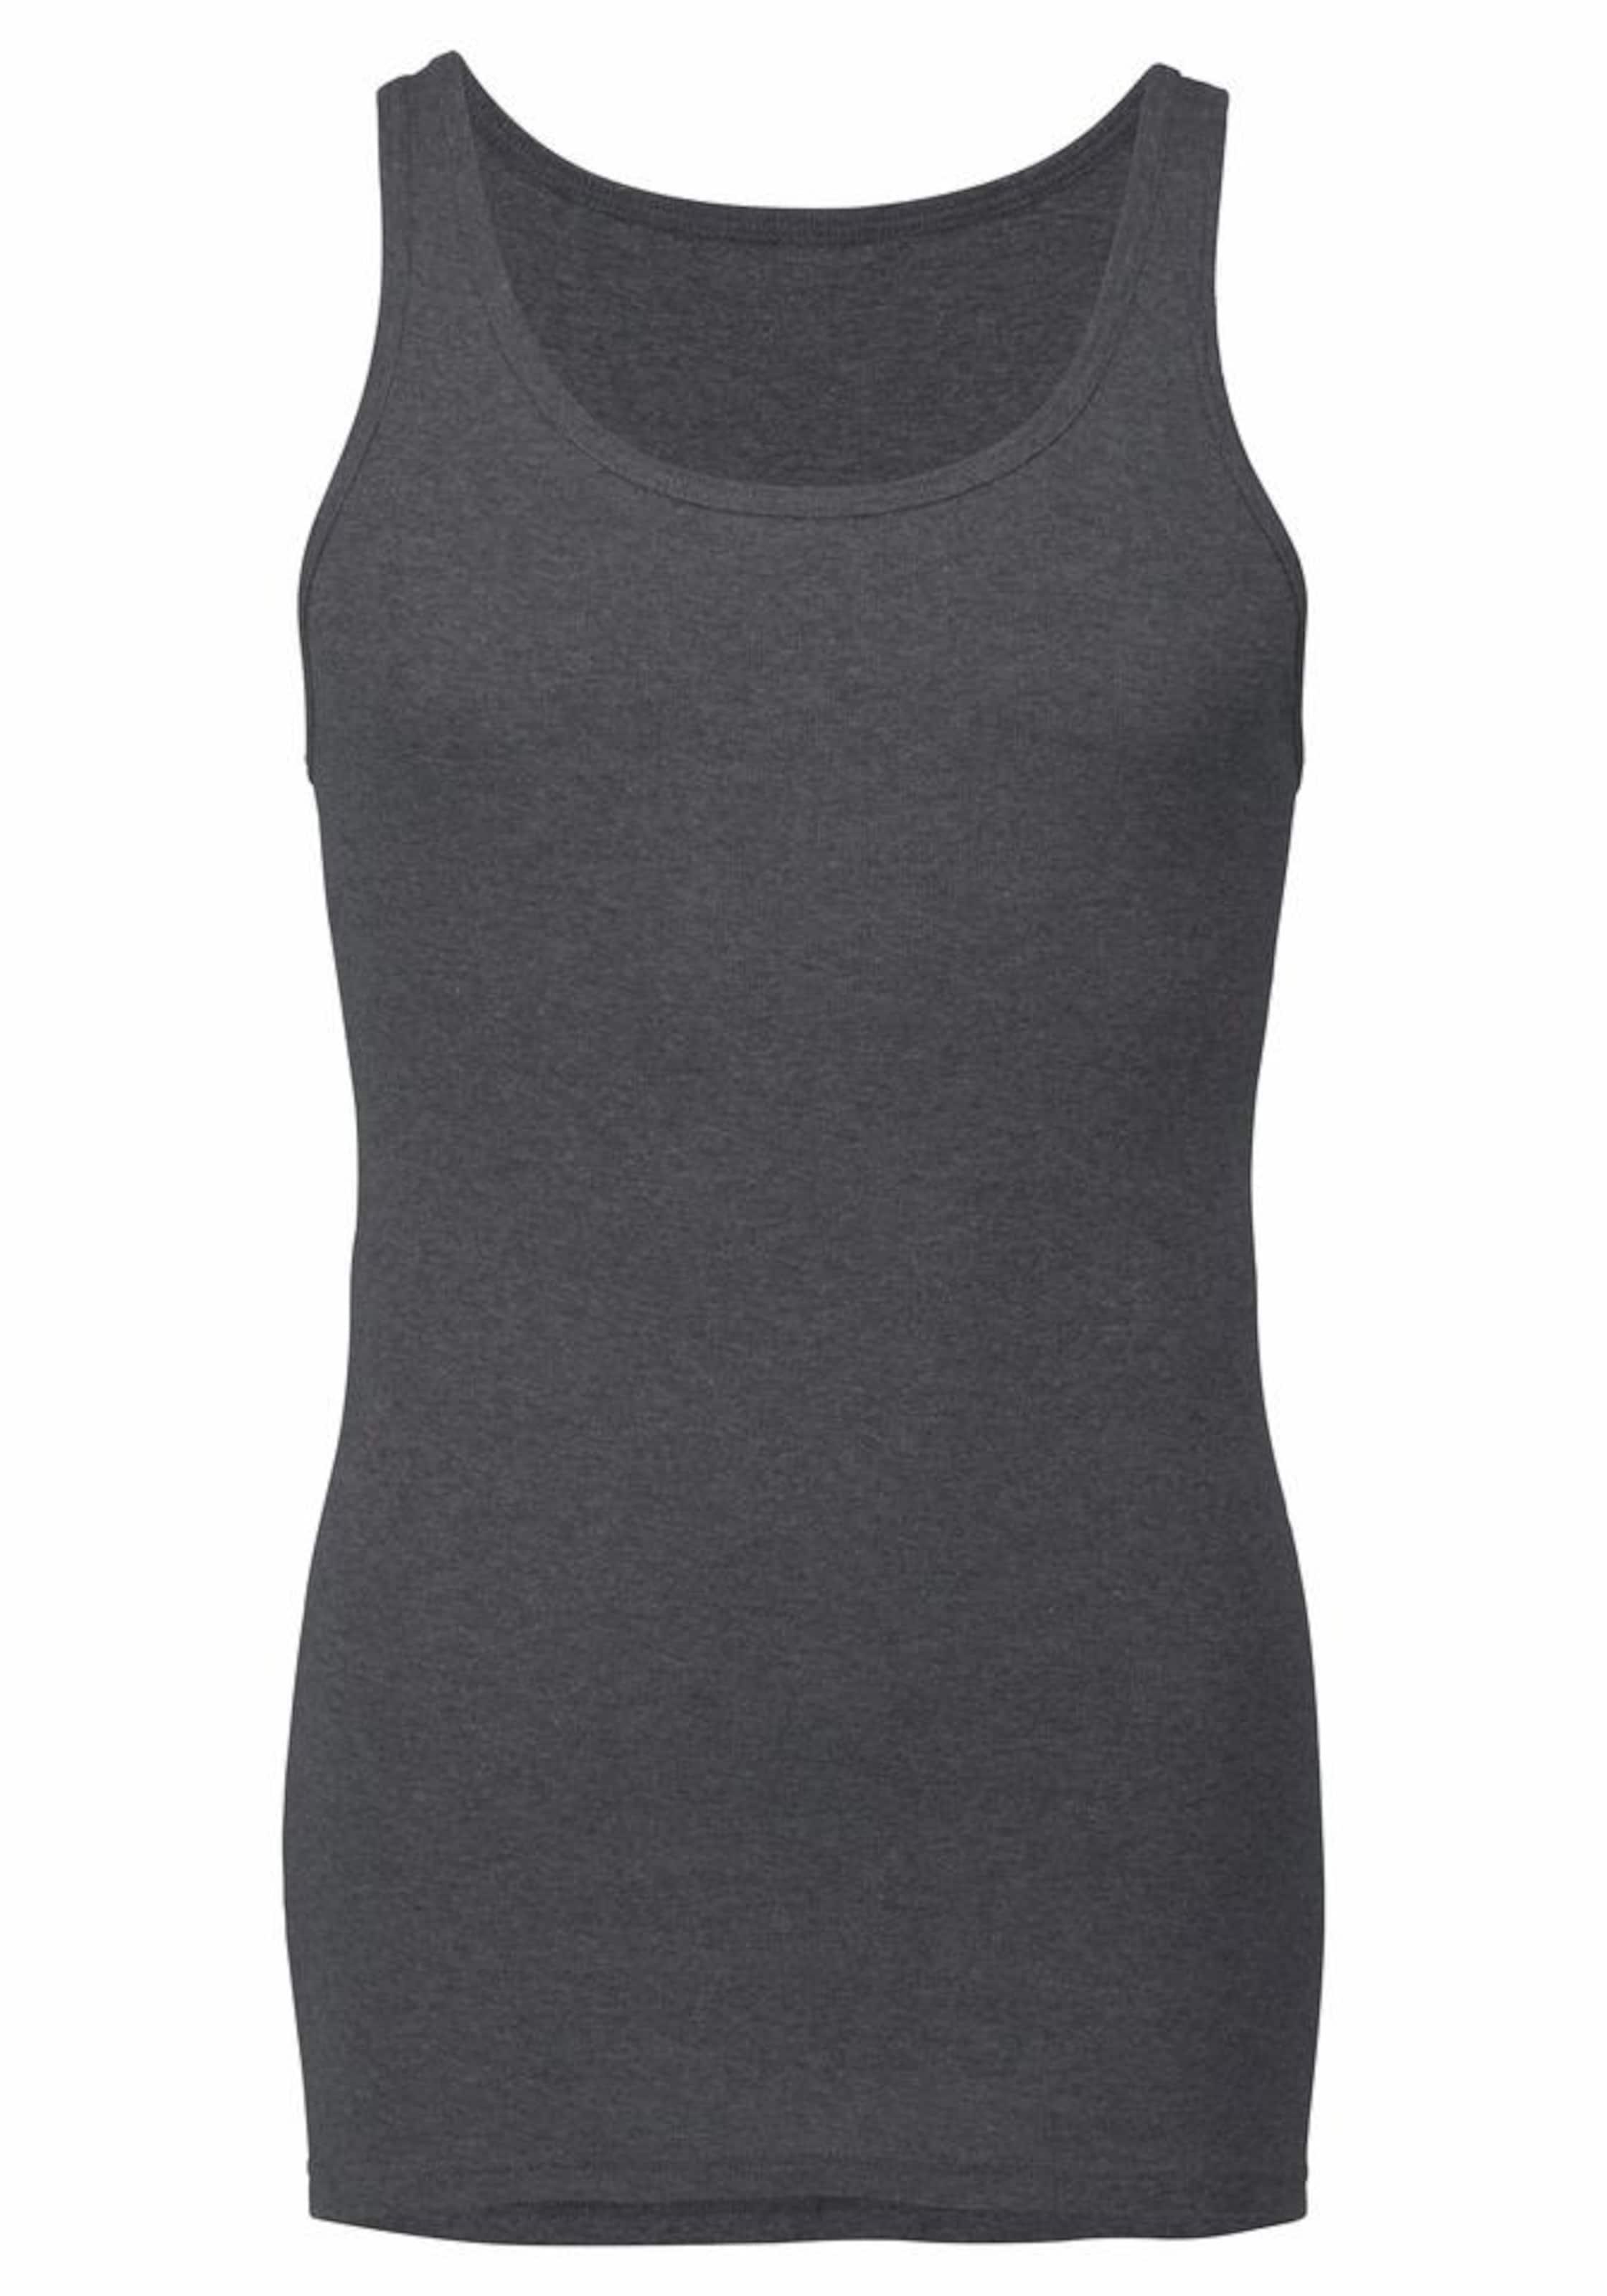 Cool SCHIESSER Unterhemd aus der Serie 'Classics' Exklusiv Nicekicks Günstig Online Rabatt Niedrigsten Preis PlsQGq1nK